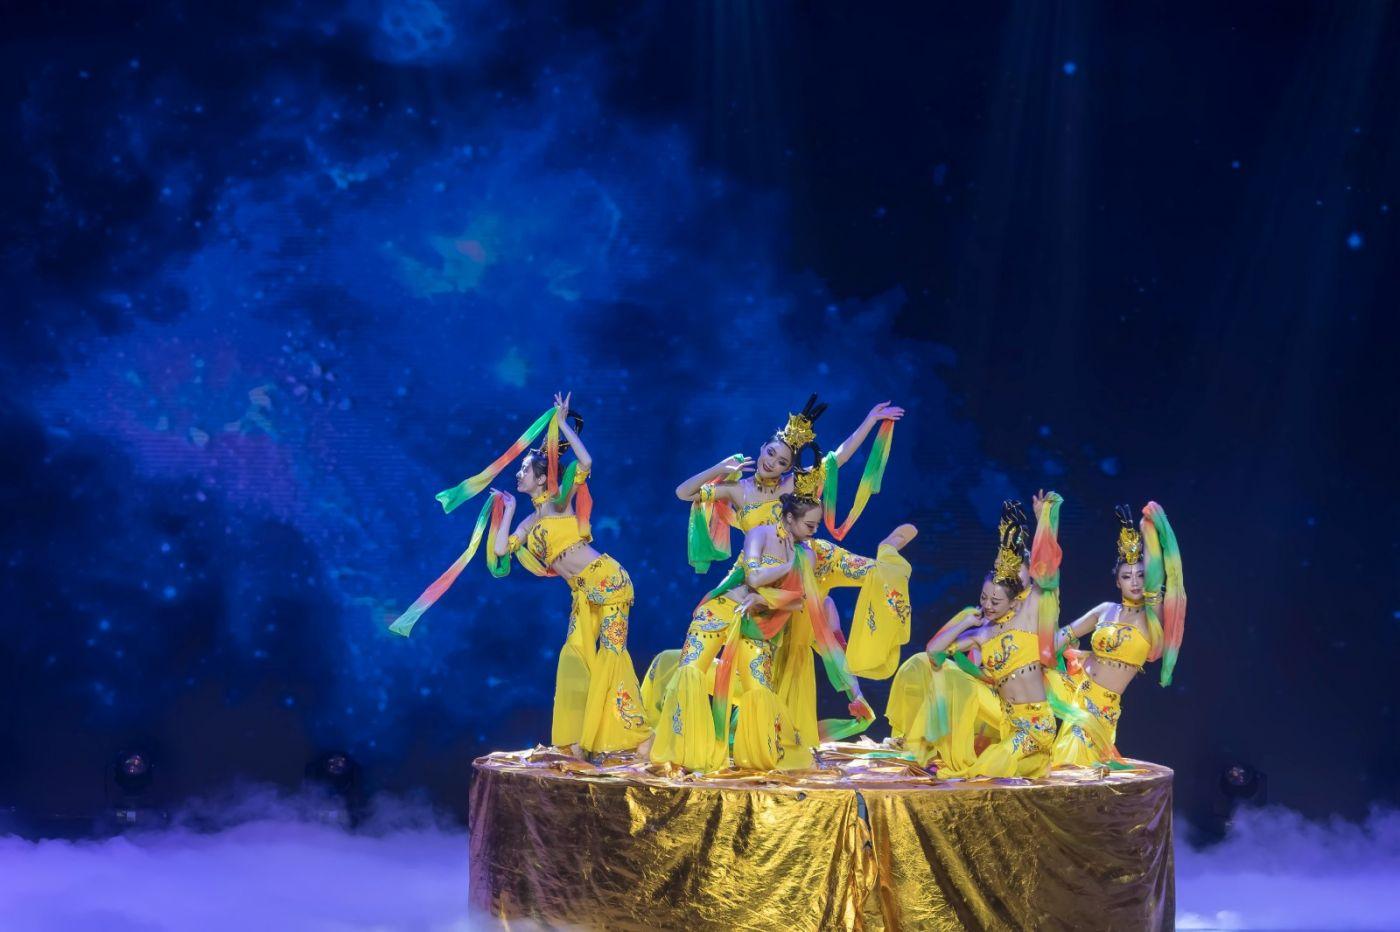 沂蒙大地上 有一种舞蹈叫飞天 这是几位临沂女孩的杰作 美轮美奂 ..._图1-37